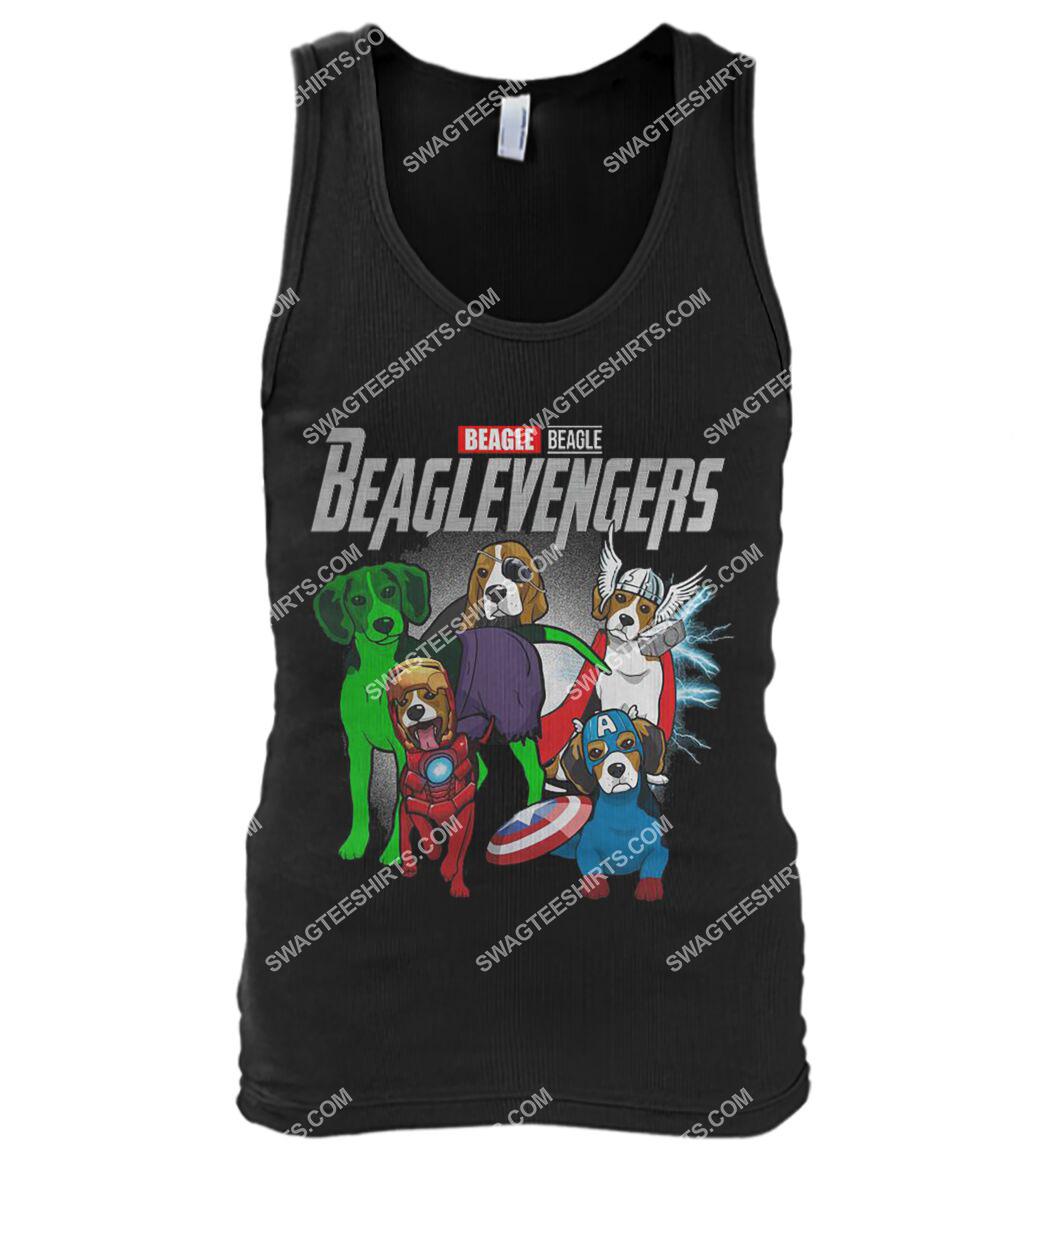 beagle beaglevengers marvel avengers dogs lover tank top 1